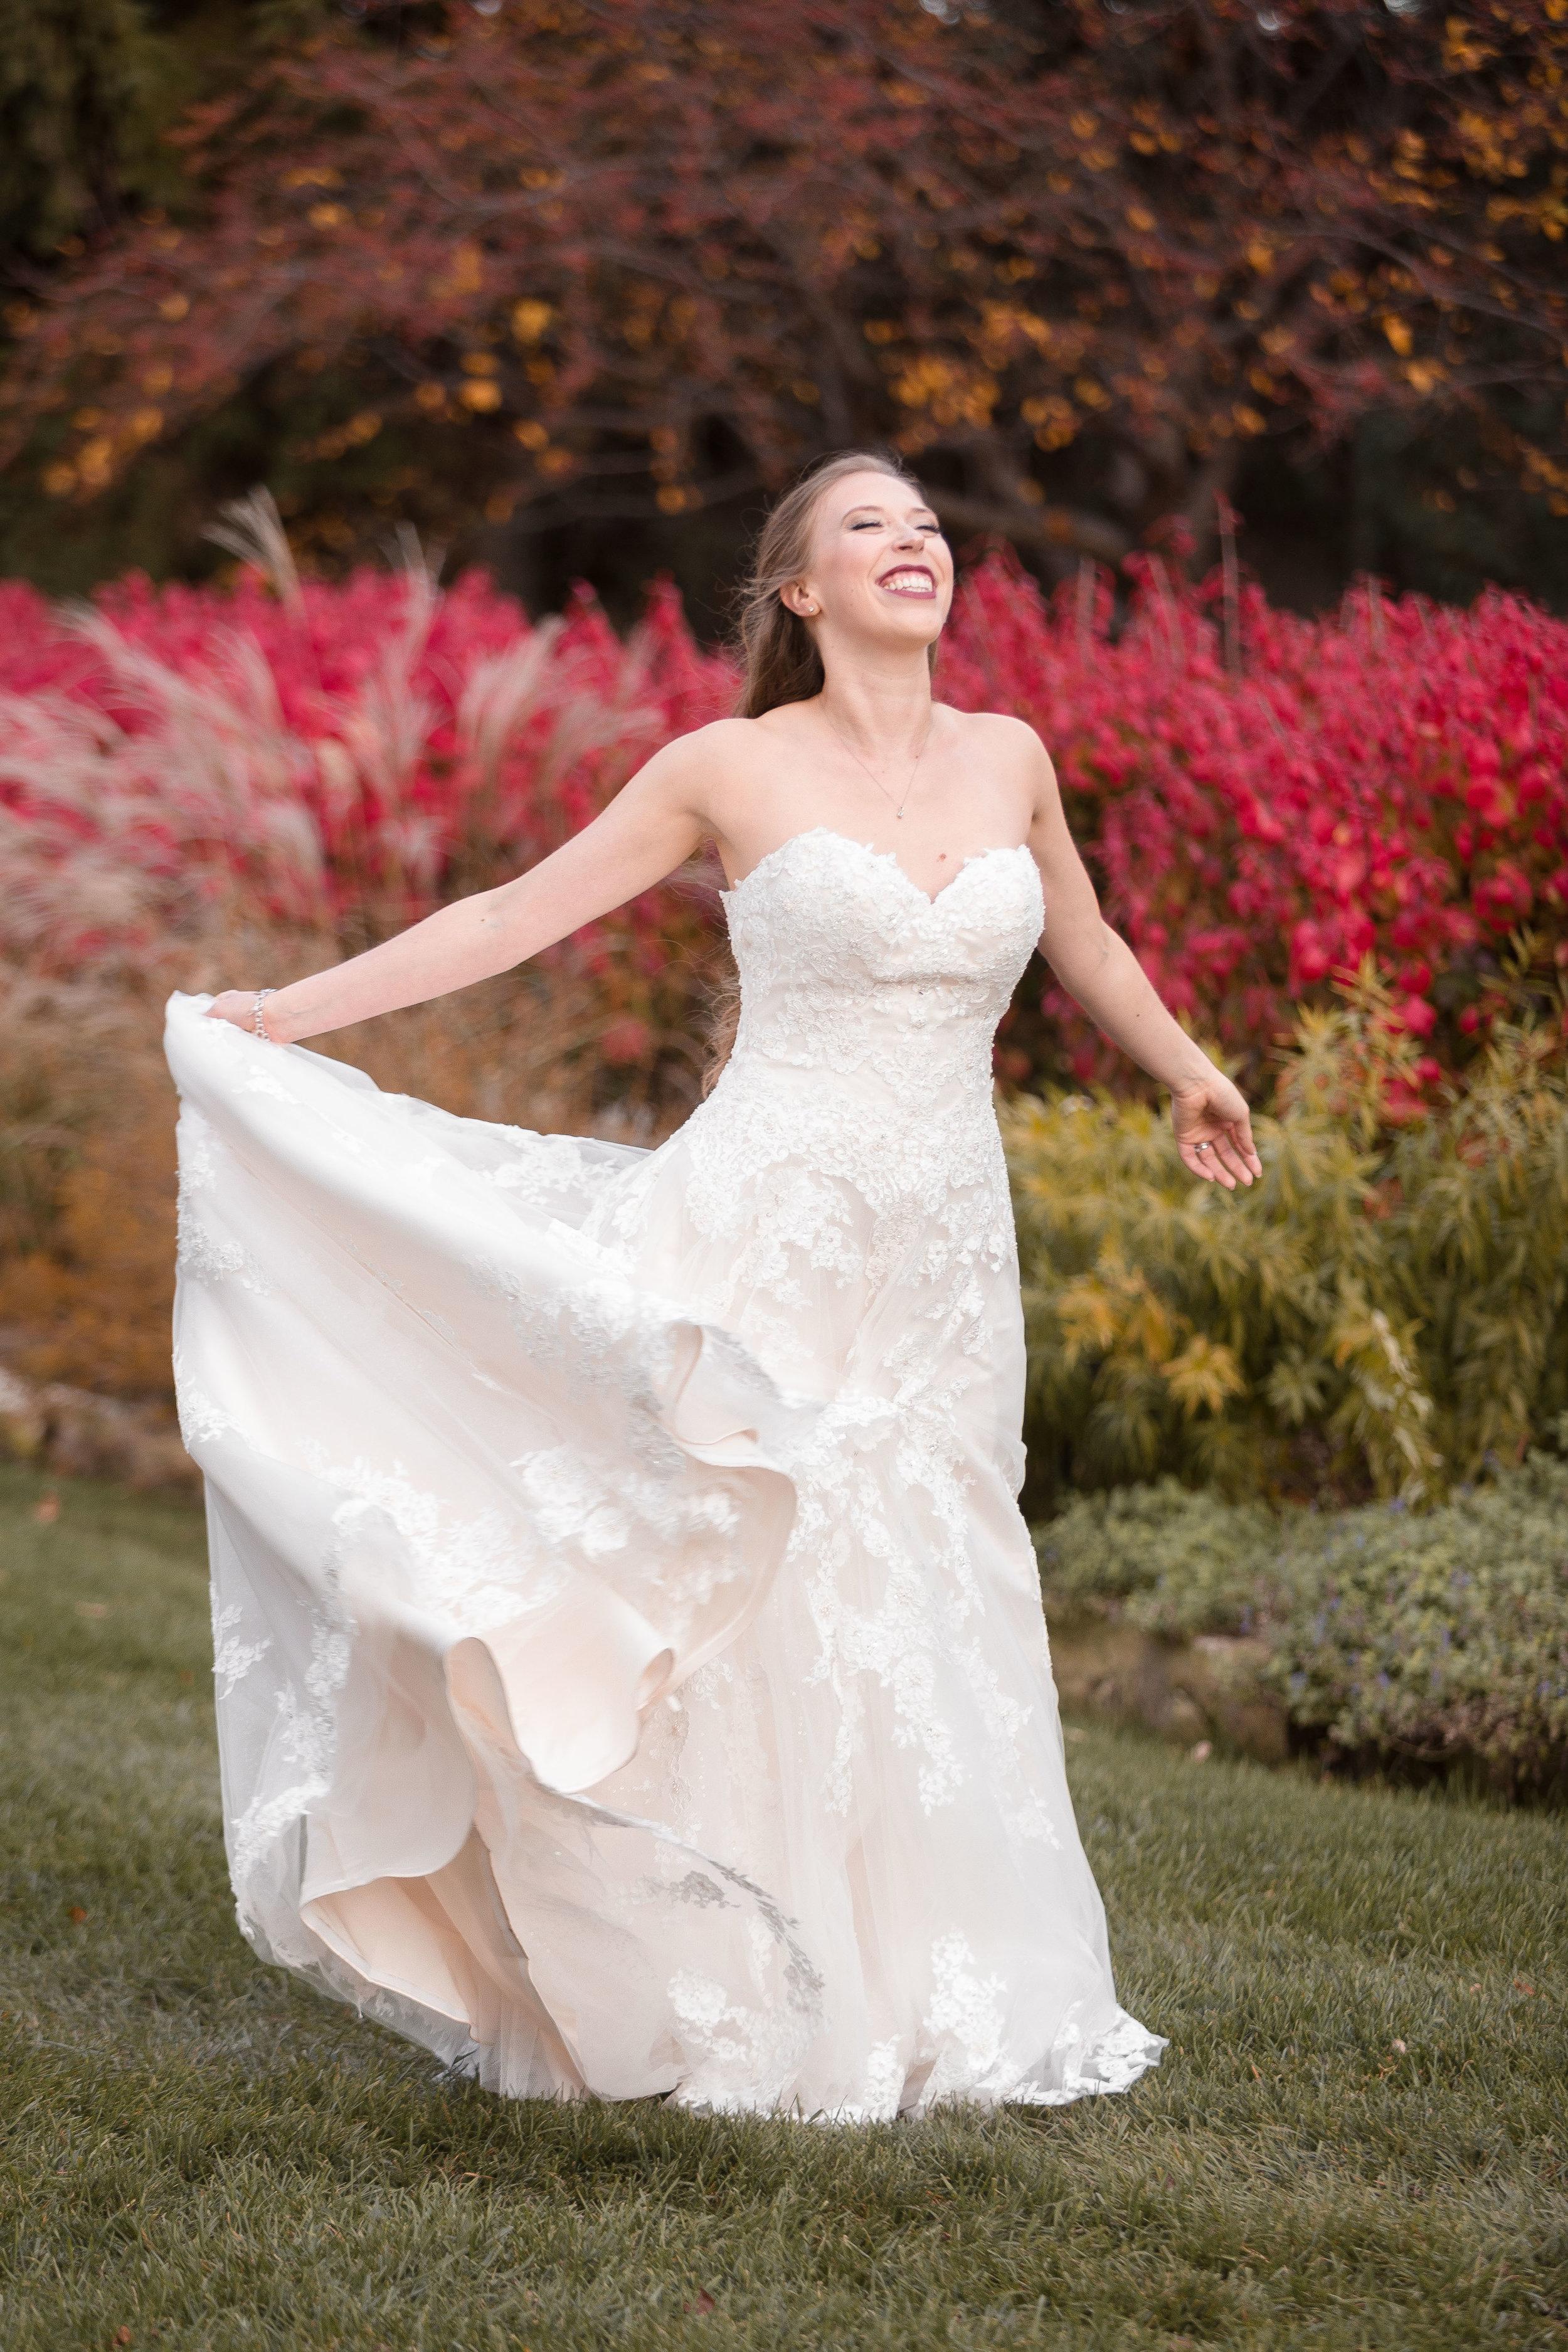 C_Wedding_Spellman, Megan & Tyler_10.27.18-1084.JPG